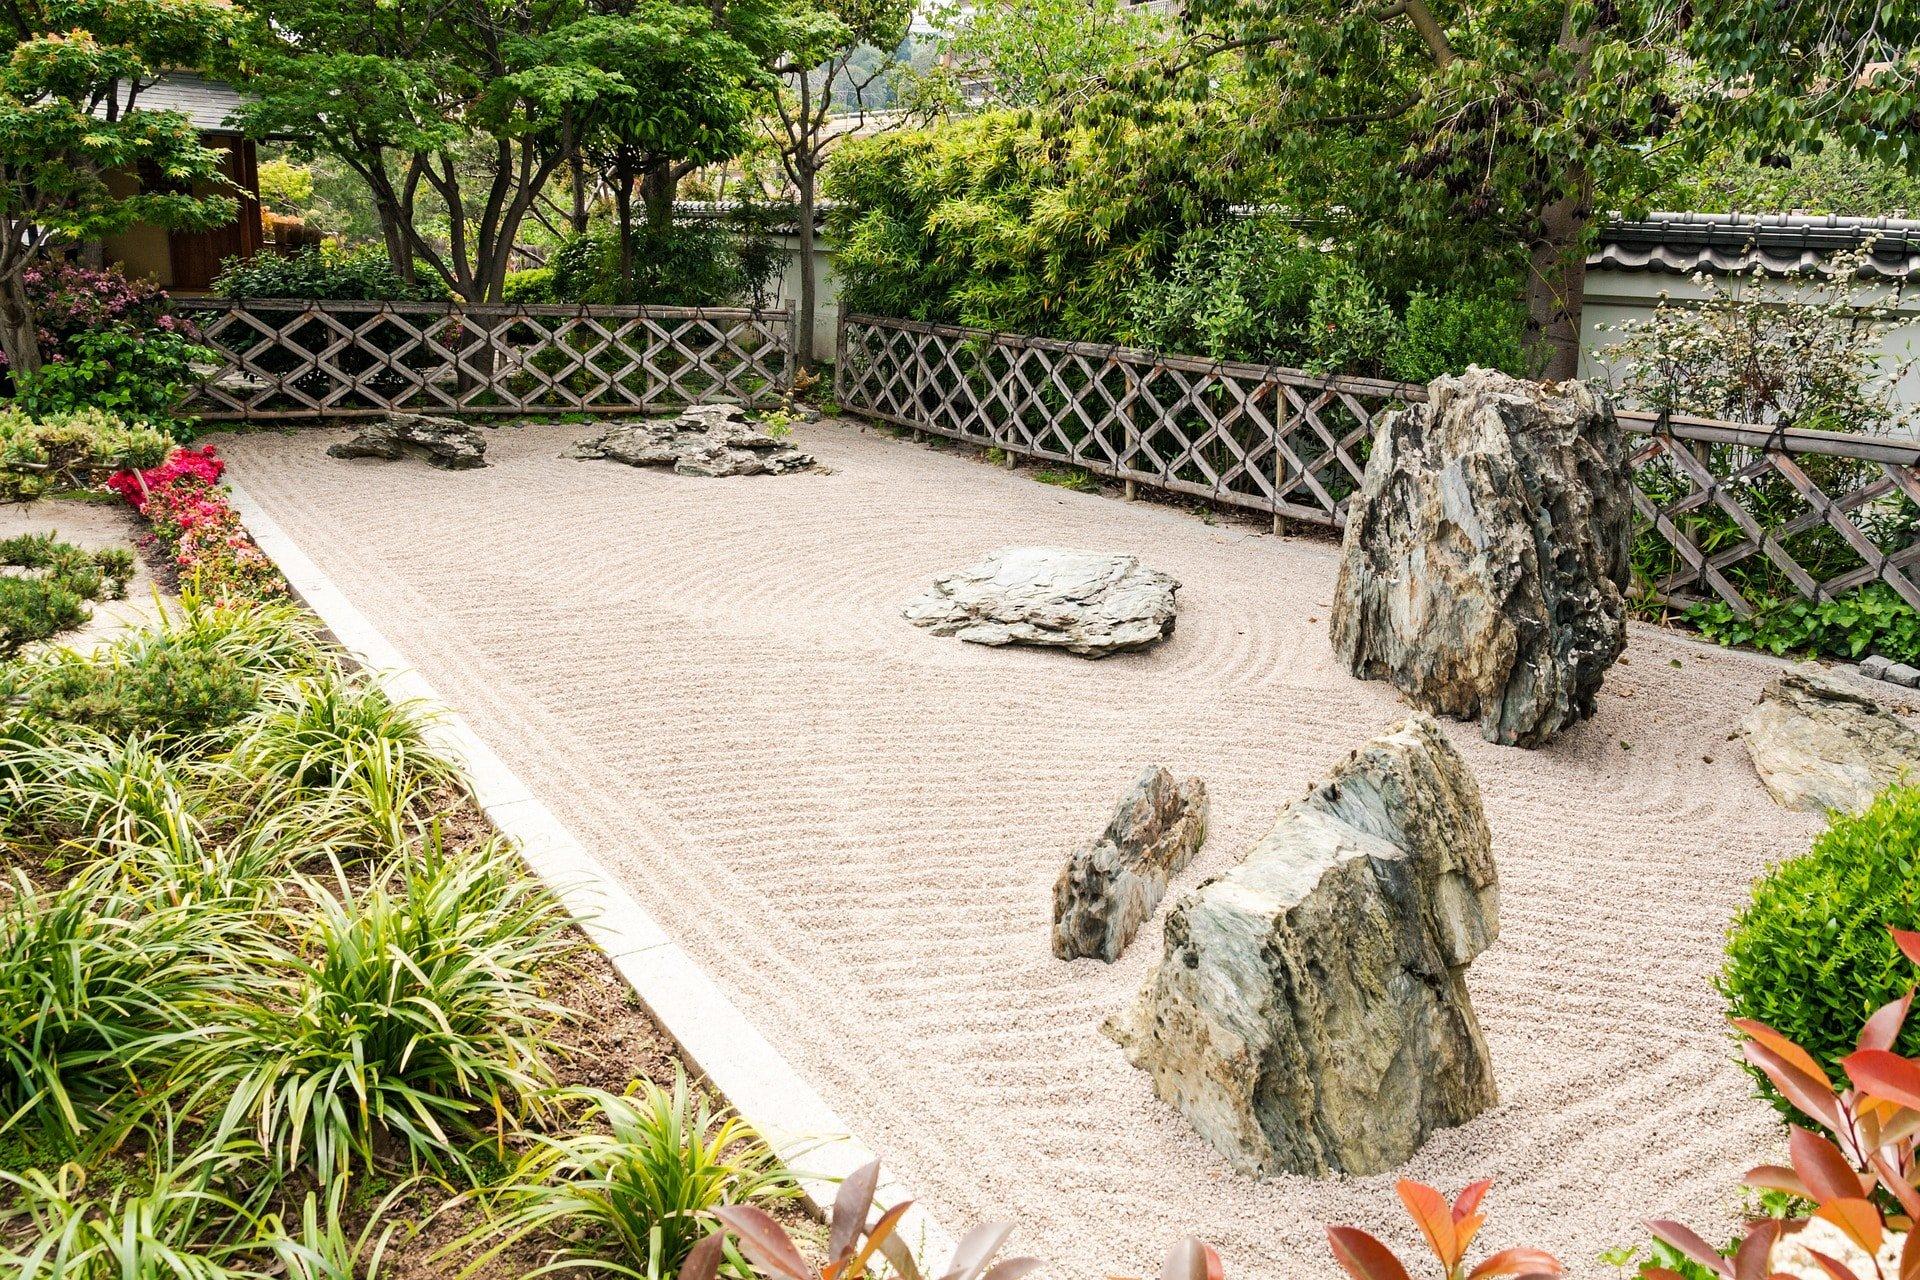 How to Make a Zen Garden - Rhythm of the Home